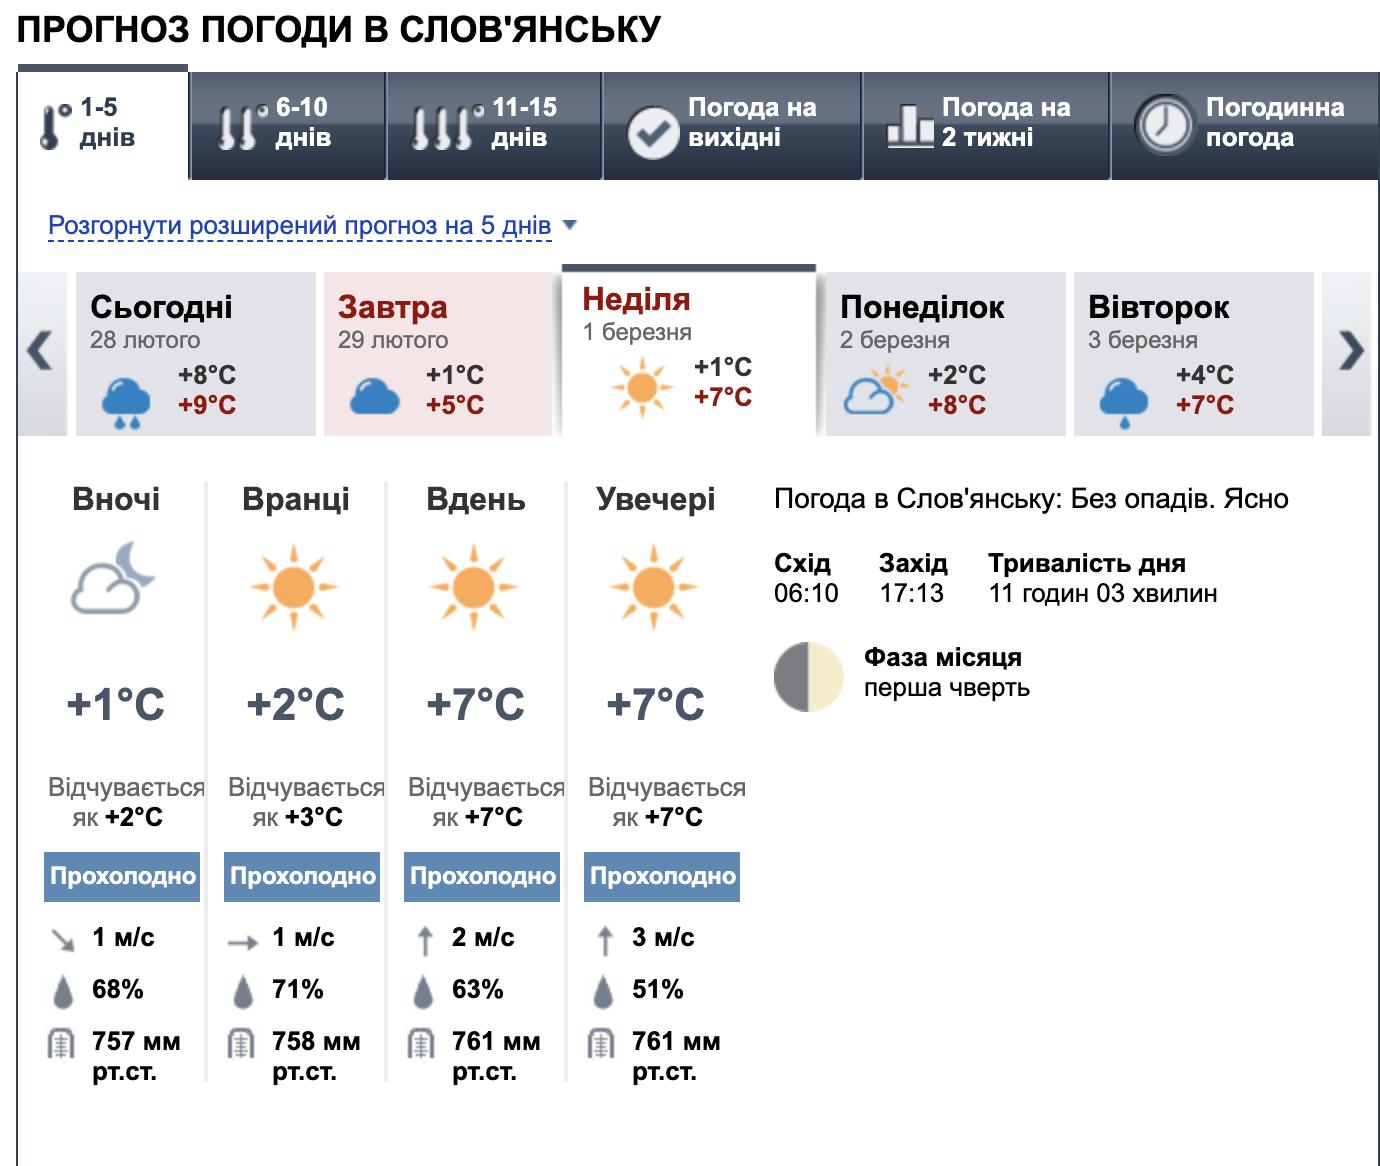 Прохолодно і без опадів. Погода у Слов'янську на вихідних, фото-4